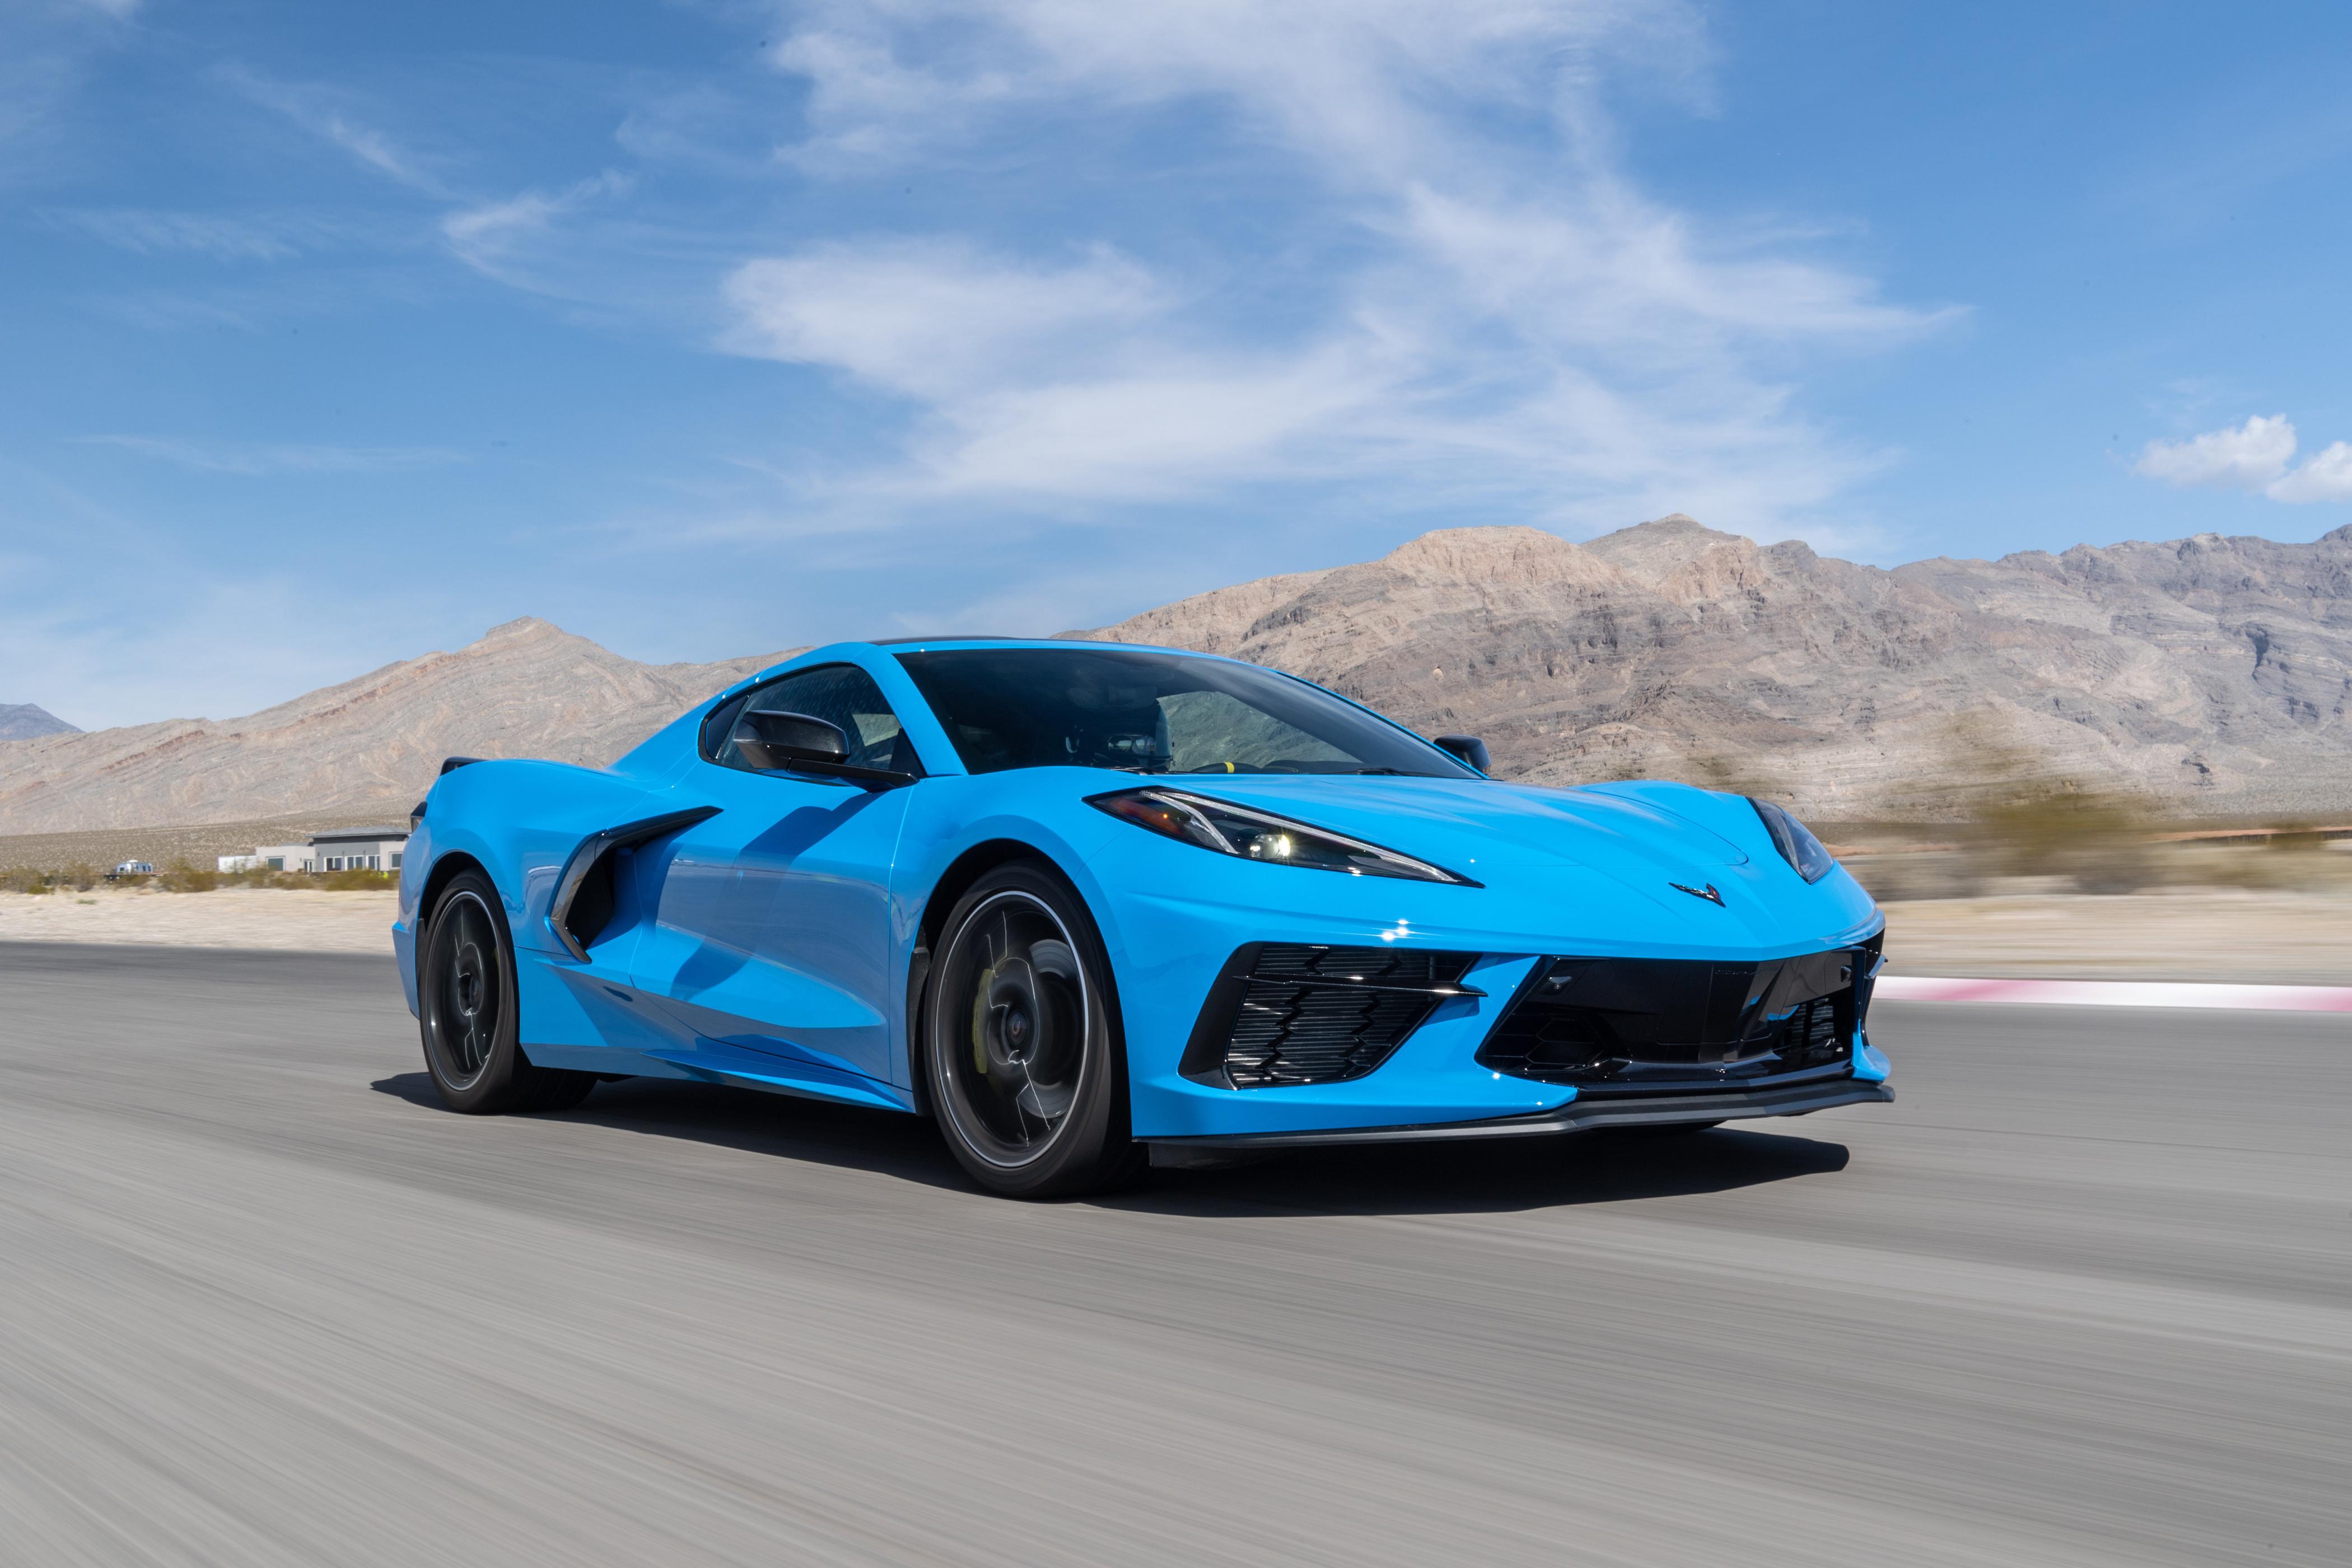 Картинки Chevrolet 2020 Corvette Stingray Z51 голубая едет авто Шевроле Голубой голубые голубых едущий едущая скорость Движение машина машины Автомобили автомобиль